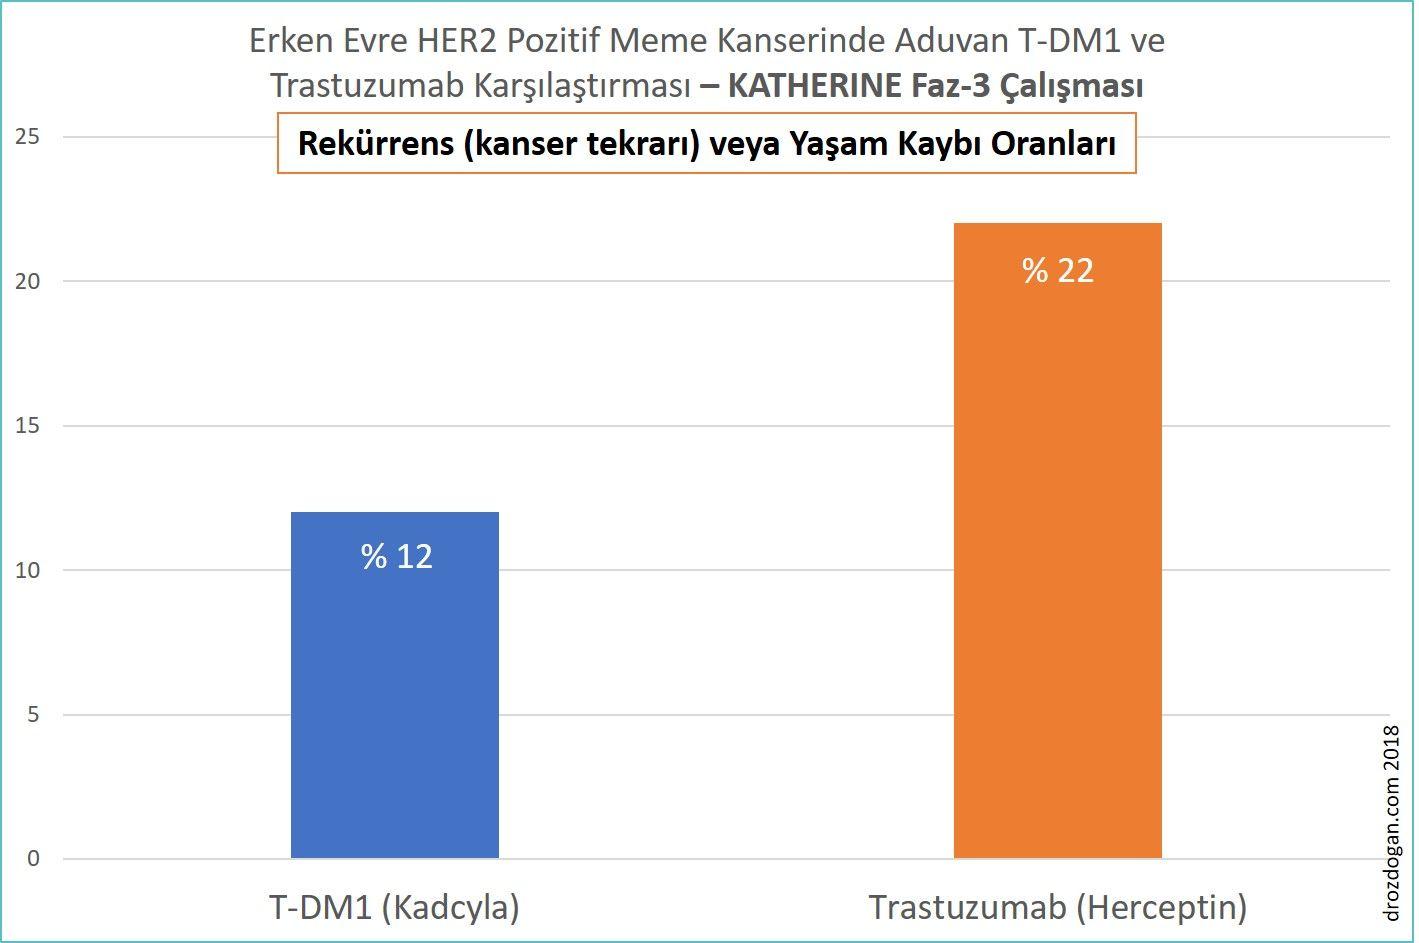 t dm1 kadcyla ve trastuzumab herceptin adjuvan tedavi karşılaştırması katherine rekürrens vey